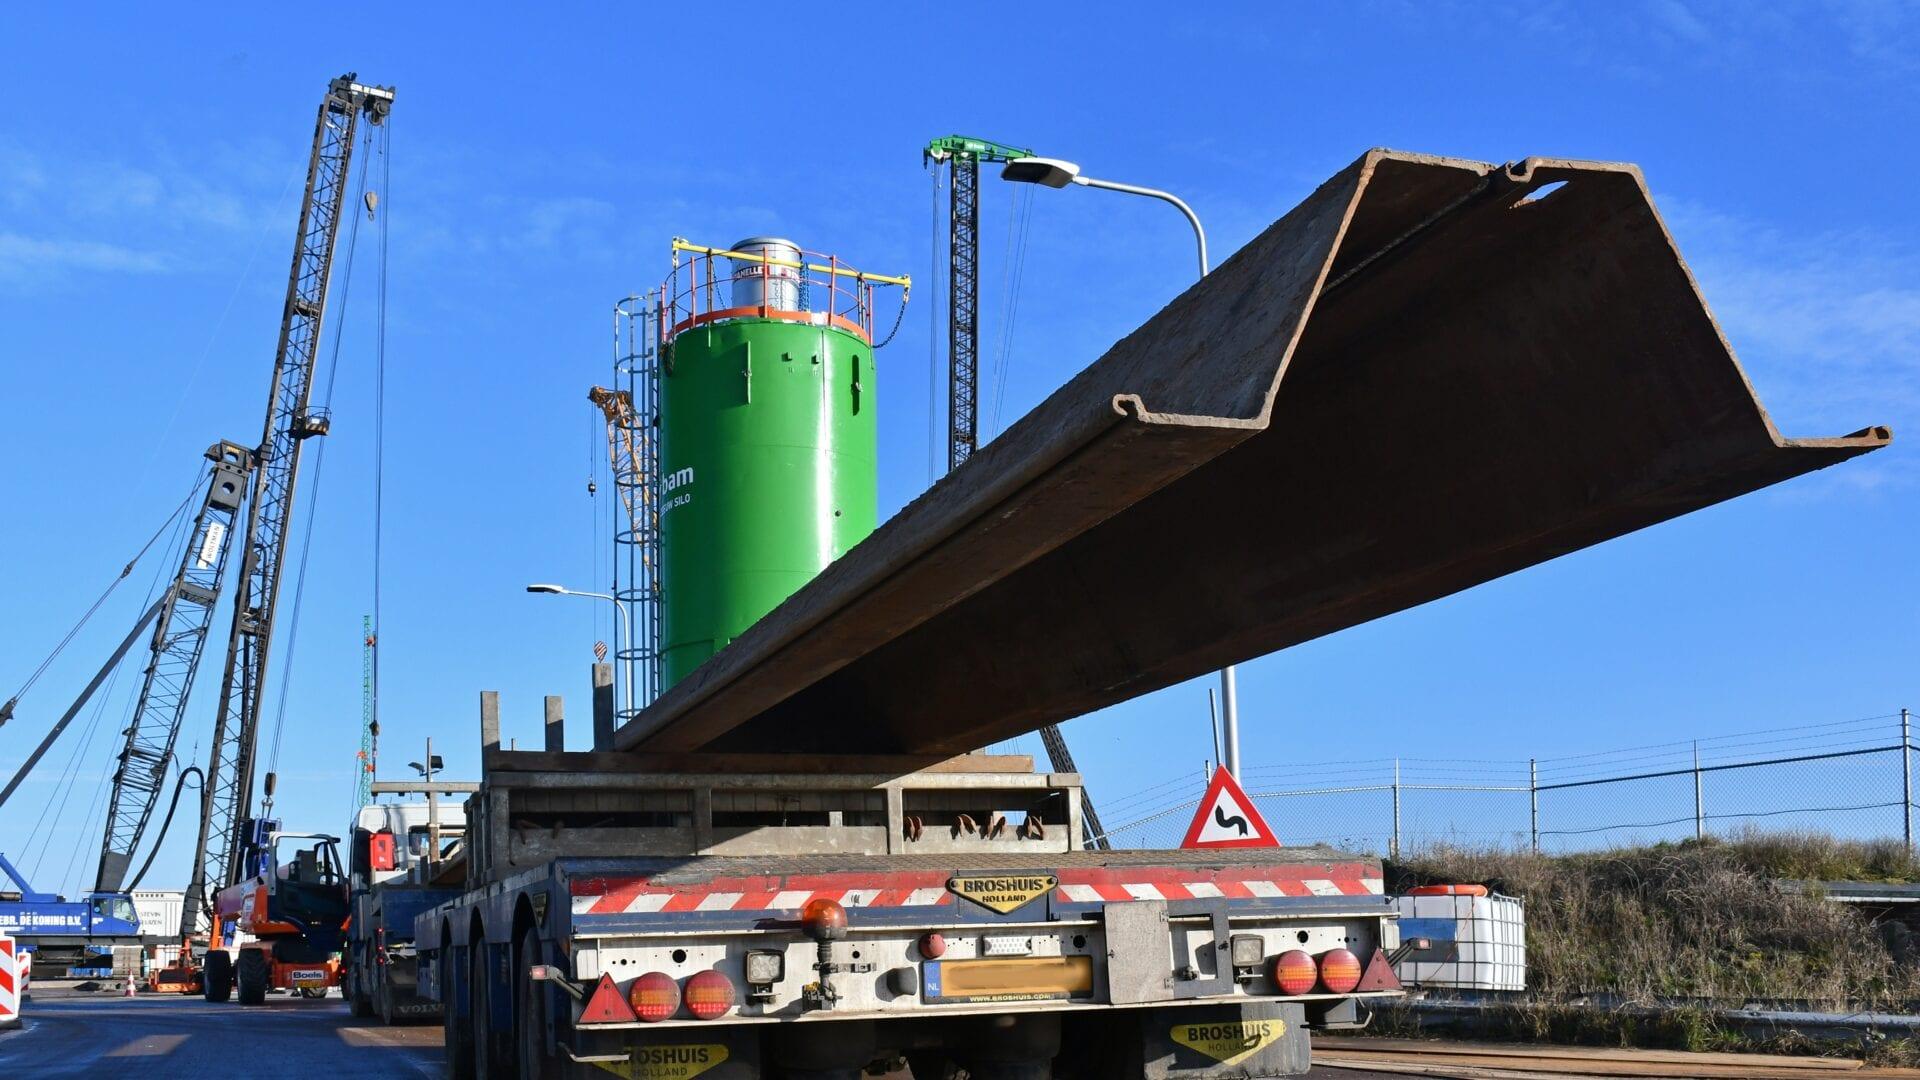 Eerste gemaal Den Oever; er wordt volop gewerkt aan de bouwkuipen aan de kant van het IJsselmeer vanaf de zuidelijke rijbaan welke ook als aanvoerroute voor een gedeelte van de benodigde damwanden wordt gebruikt. Het verkeer wordt nu over de noordelijke rijbanen langs de werkzaamheden geleid.